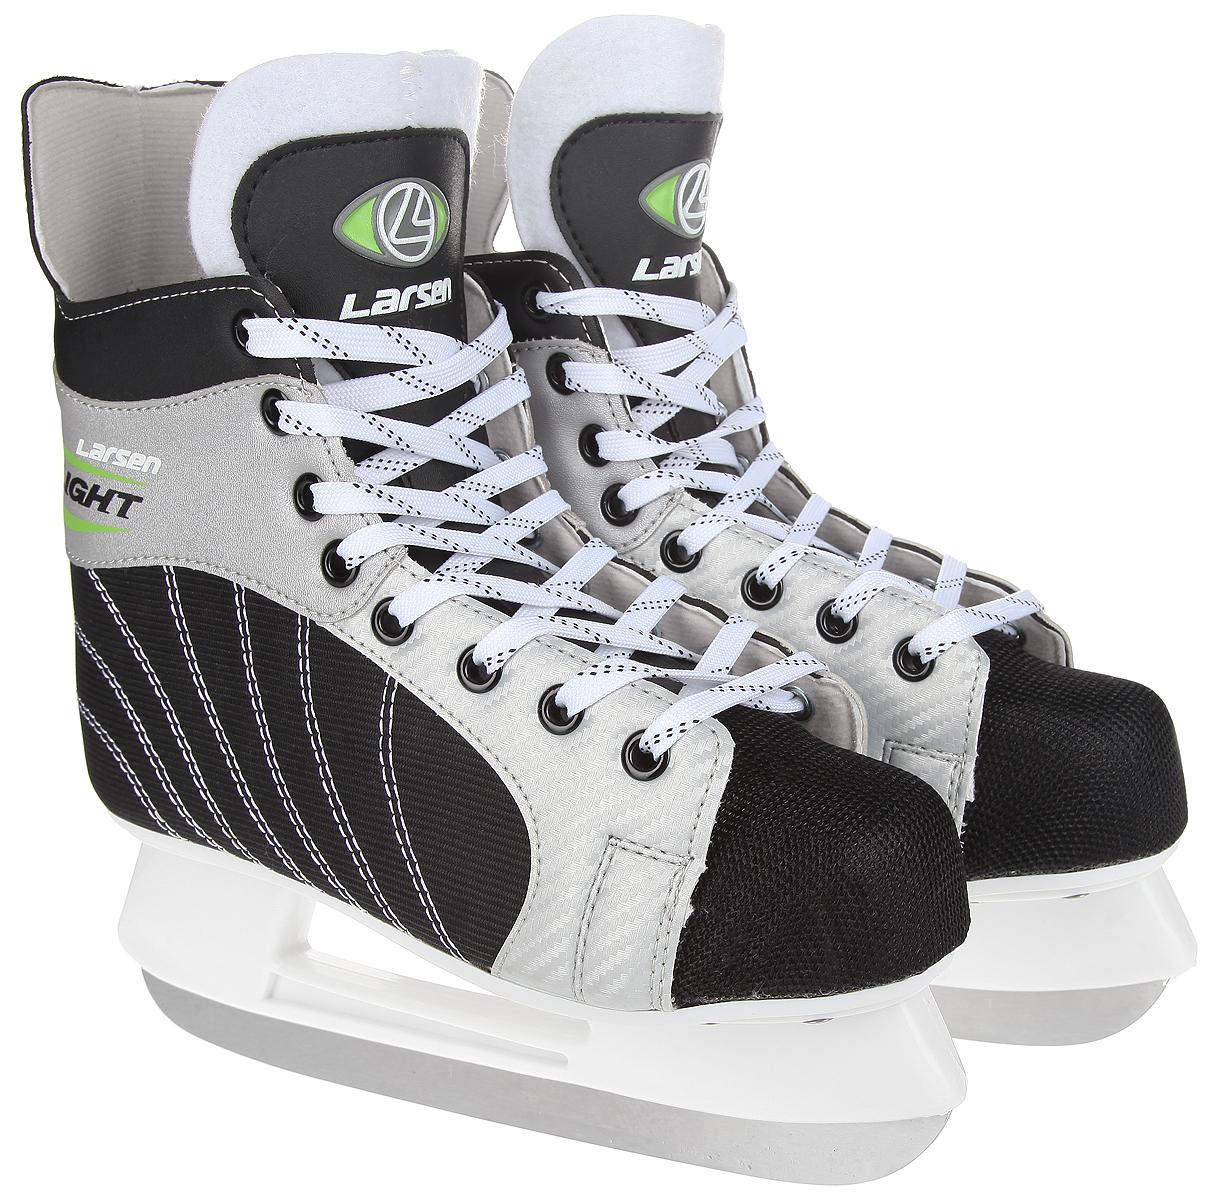 Коньки хоккейные мужские Larsen Light, цвет: черный, серебристый, белый. Размер 43Atemi Force 3.0 2012 Black-GrayСтильные коньки Light от Larsen прекрасно подойдут для начинающих игроков в хоккей. Ботиноквыполнен из нейлона со вставками из морозоустойчивого поливинилхлорида. Мыс выполнен изполипропилена, покрытого сетчатым нейлоном, который защитит ноги от ударов. Внутреннийслой изготовлен из материала Cambrelle, который обладает высокой гигроскопичностью ивоздухопроницаемостью, имеет высокую степень устойчивости к истиранию, приятен на ощупь,быстро высыхает. Язычок из войлока обеспечивает дополнительное тепло. Плотная шнуровканадежно фиксирует модель на ноге. Голеностоп имеет удобный суппорт. Стелька из EVA стекстильной поверхностью обеспечит комфортное катание. Стойка выполнена изударопрочного пластика. Лезвие из нержавеющей стали обеспечит превосходное скольжение.В комплект входят пластиковые чехлы для лезвия. Рекомендуемая температураиспользования: до -20°C.